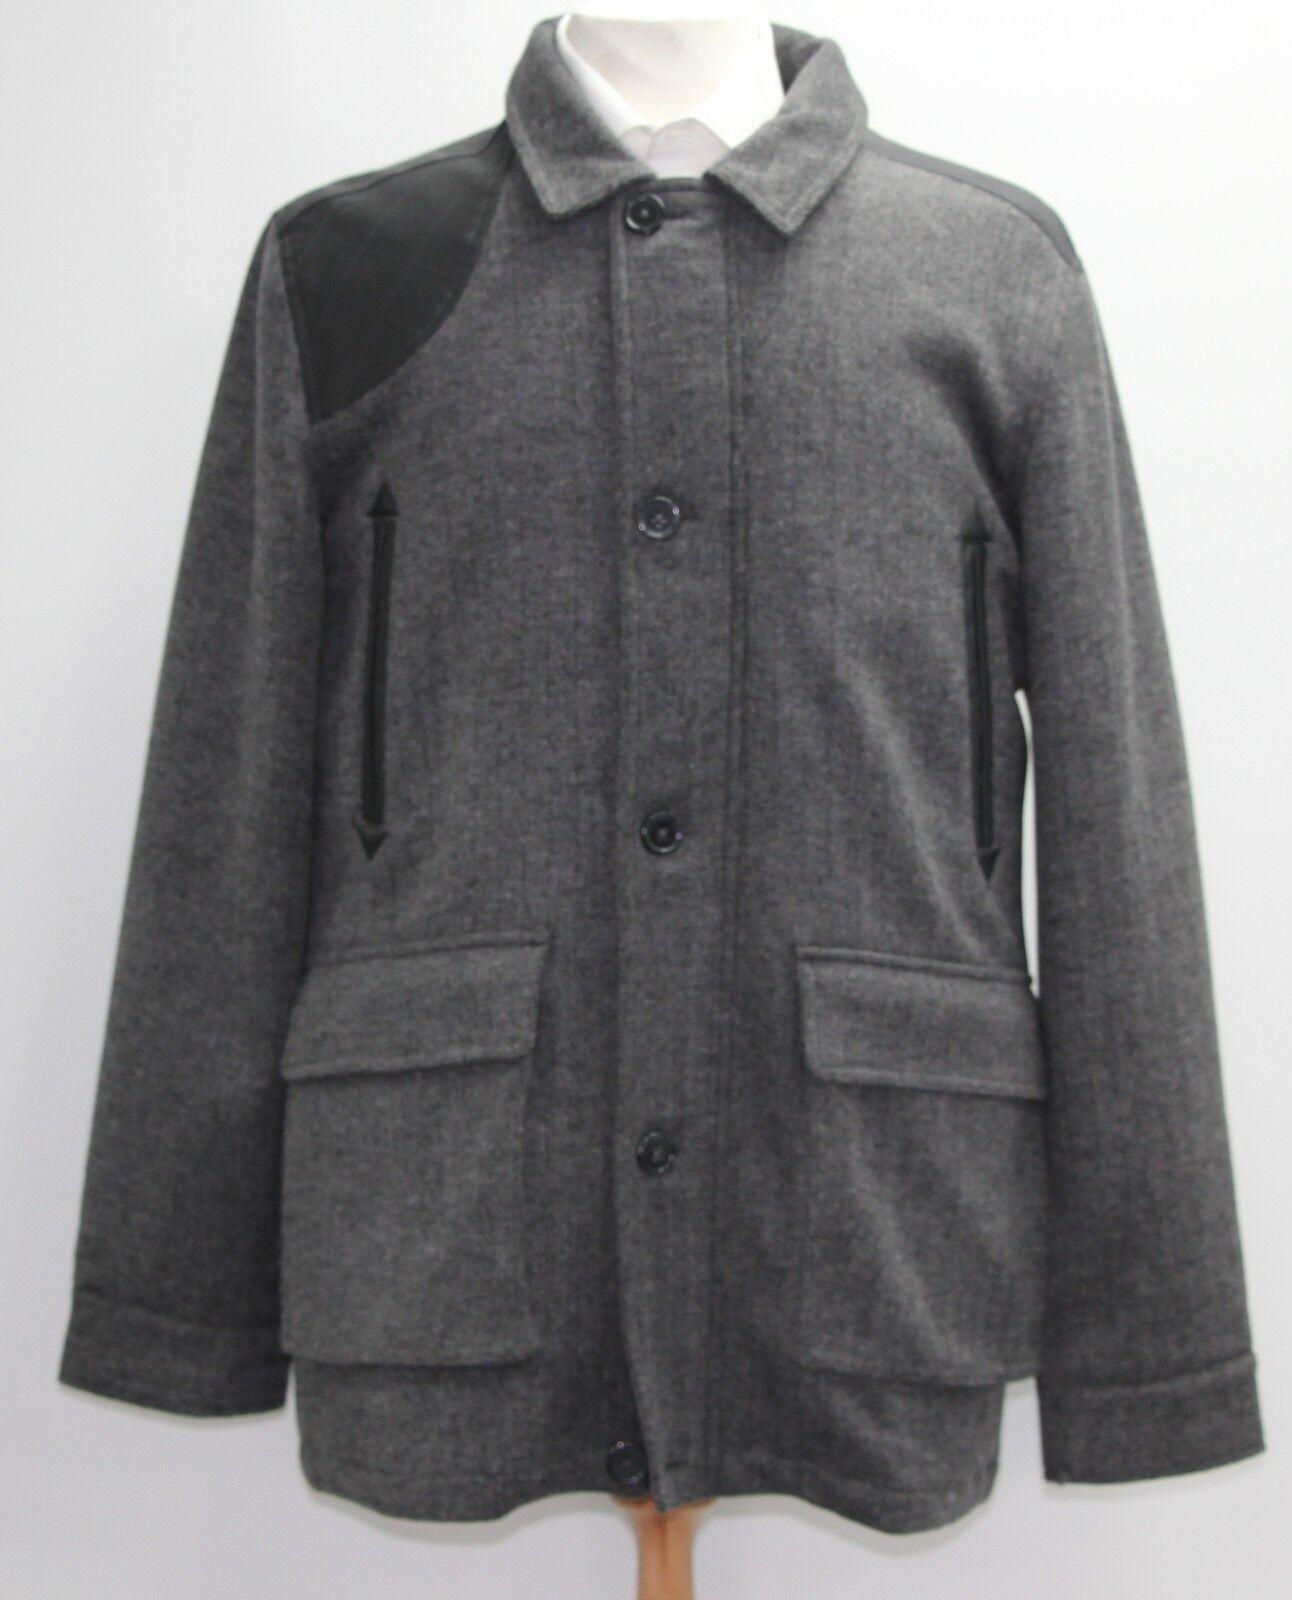 Men's Paul berman Grey coat (L).. sample 1504